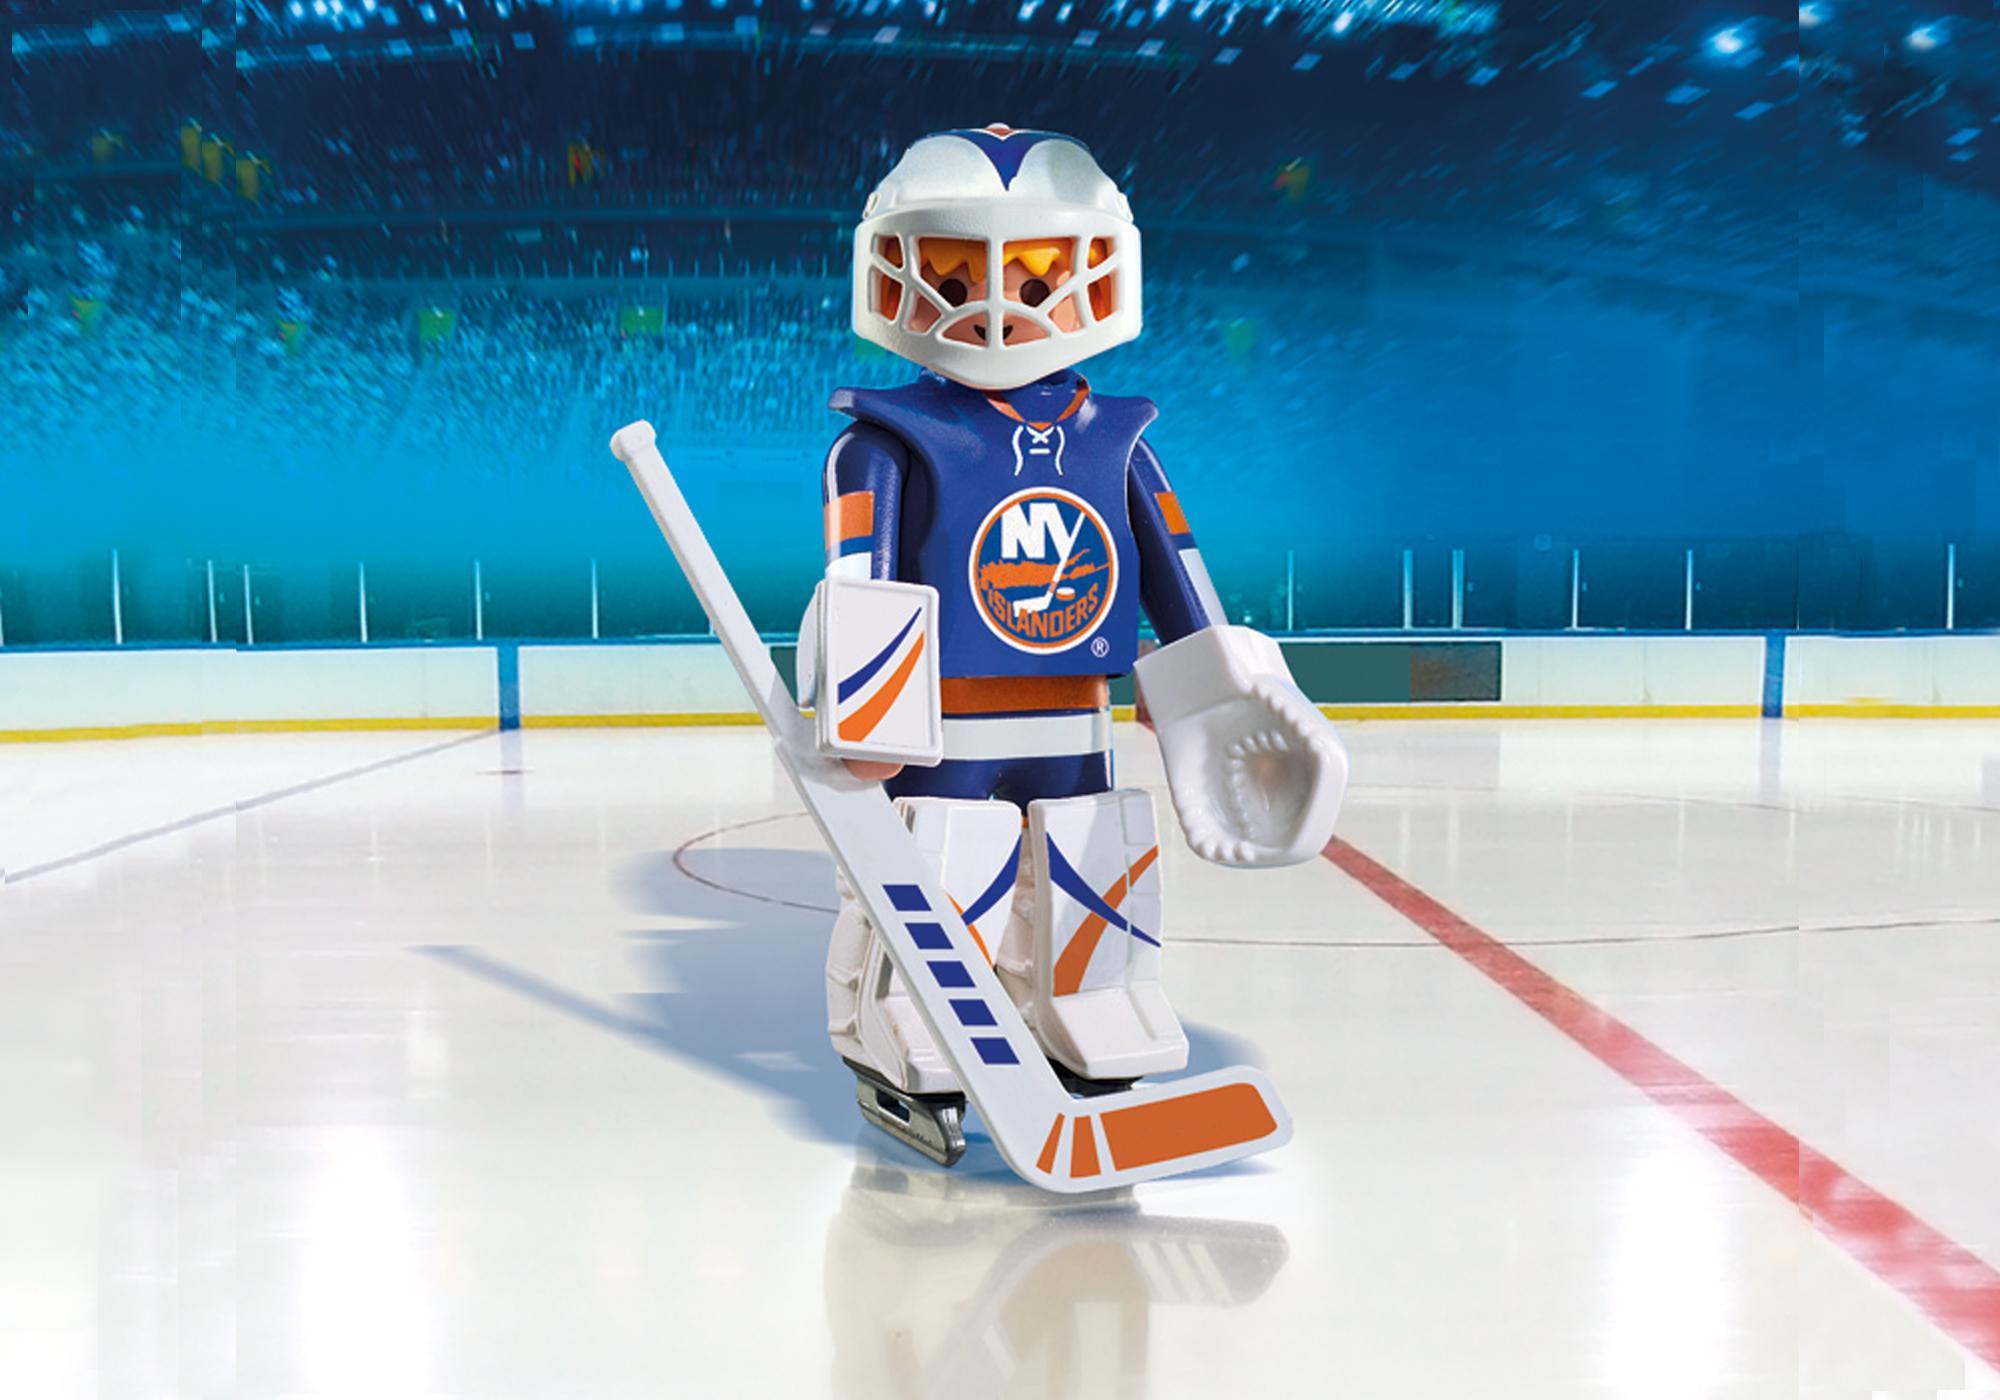 9098_product_detail/NHL™ New York Islanders™ Goalie